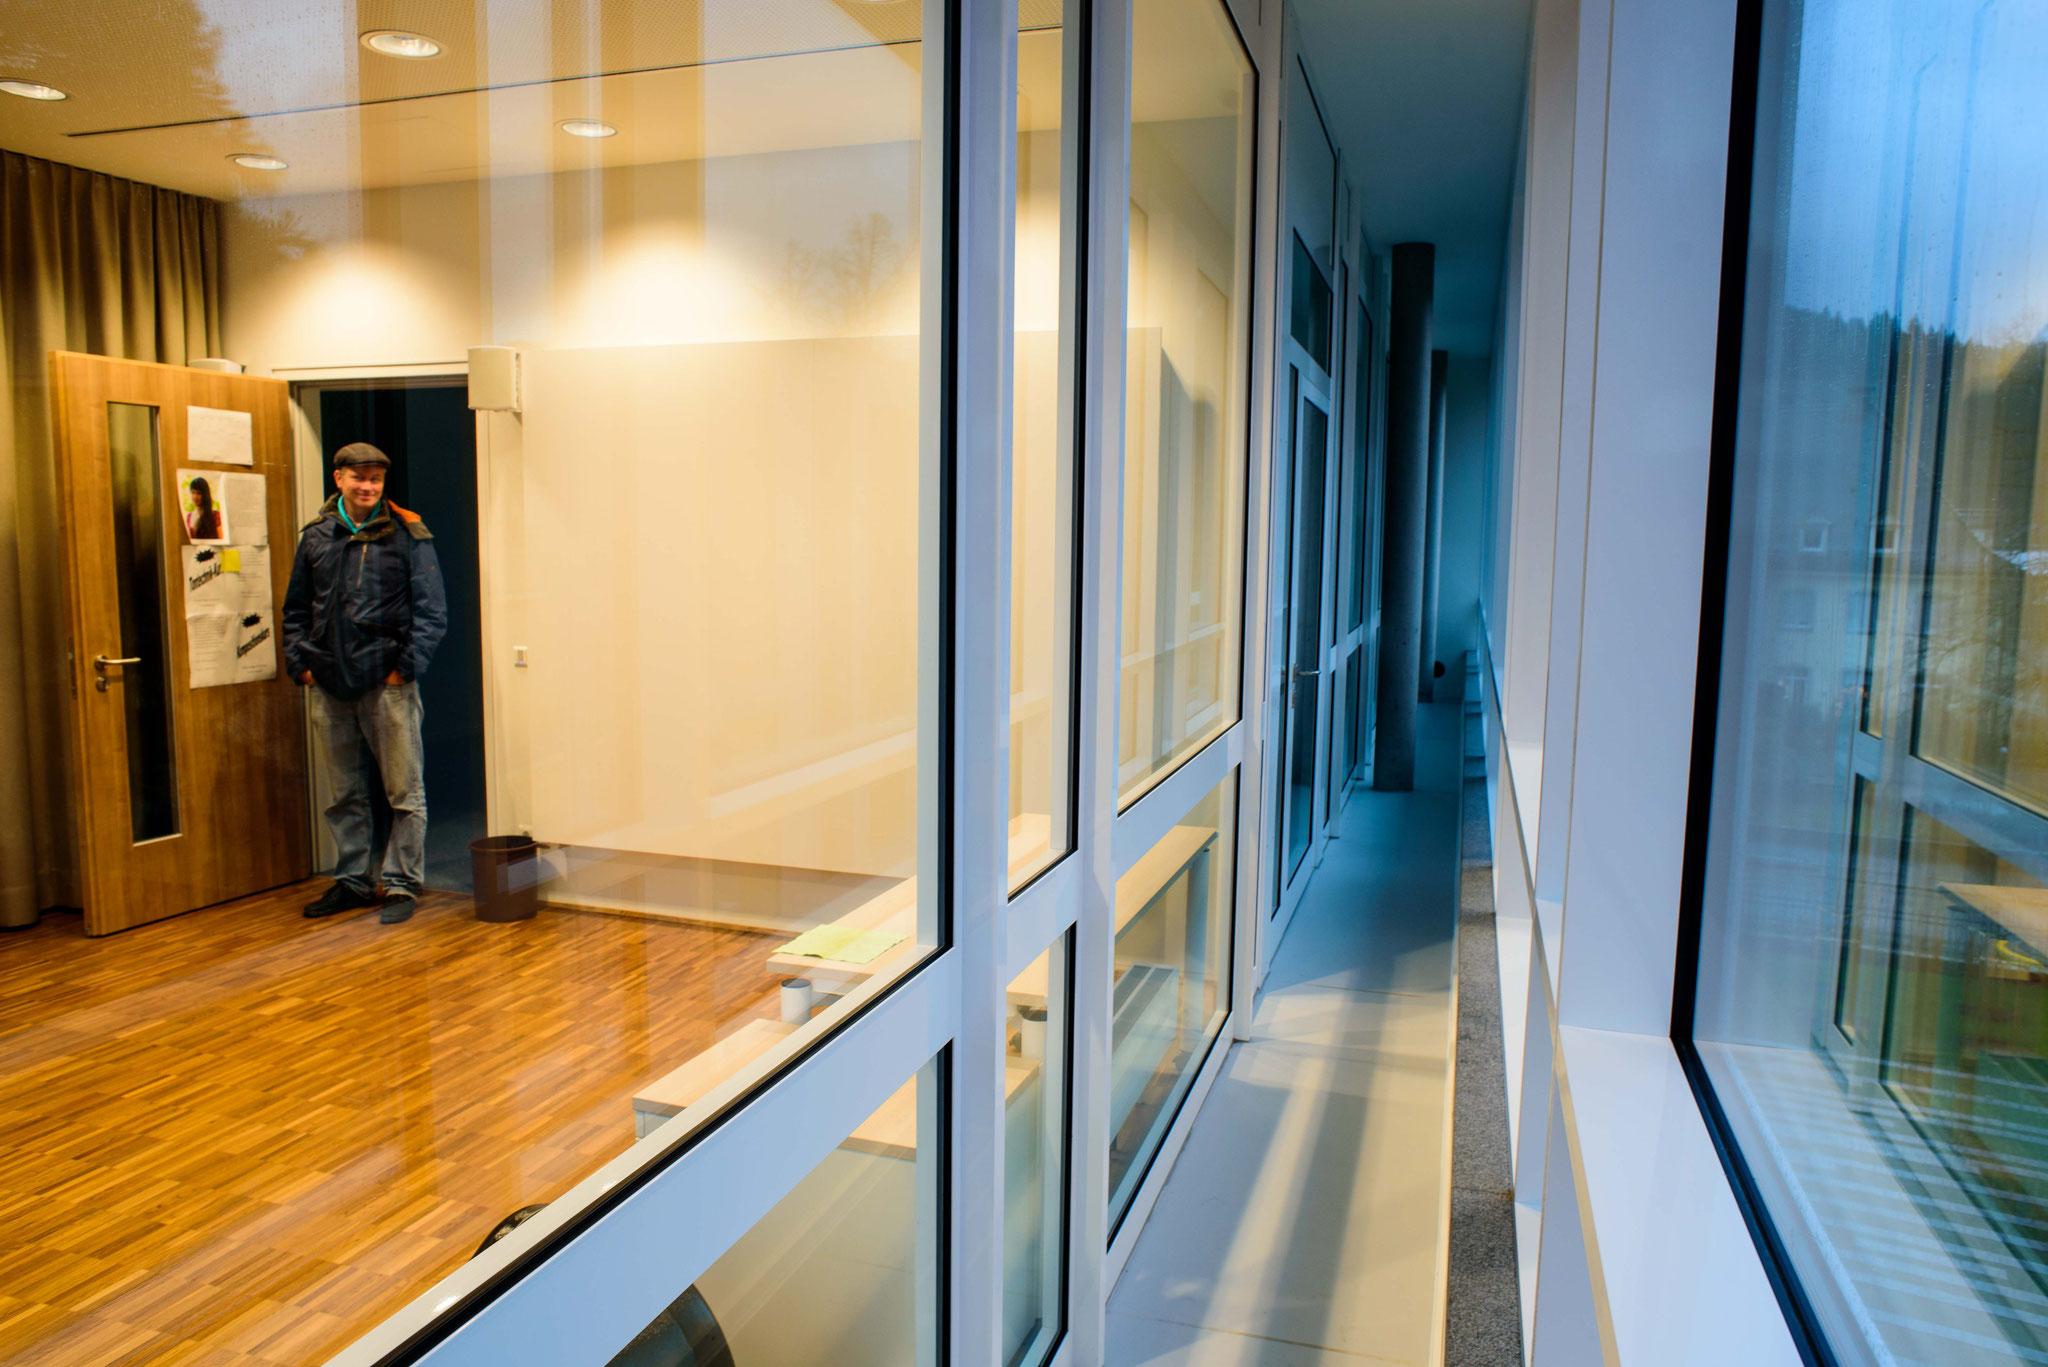 Doppelte Fenster zur akustischen Entkoppelung unseres Stockwerks